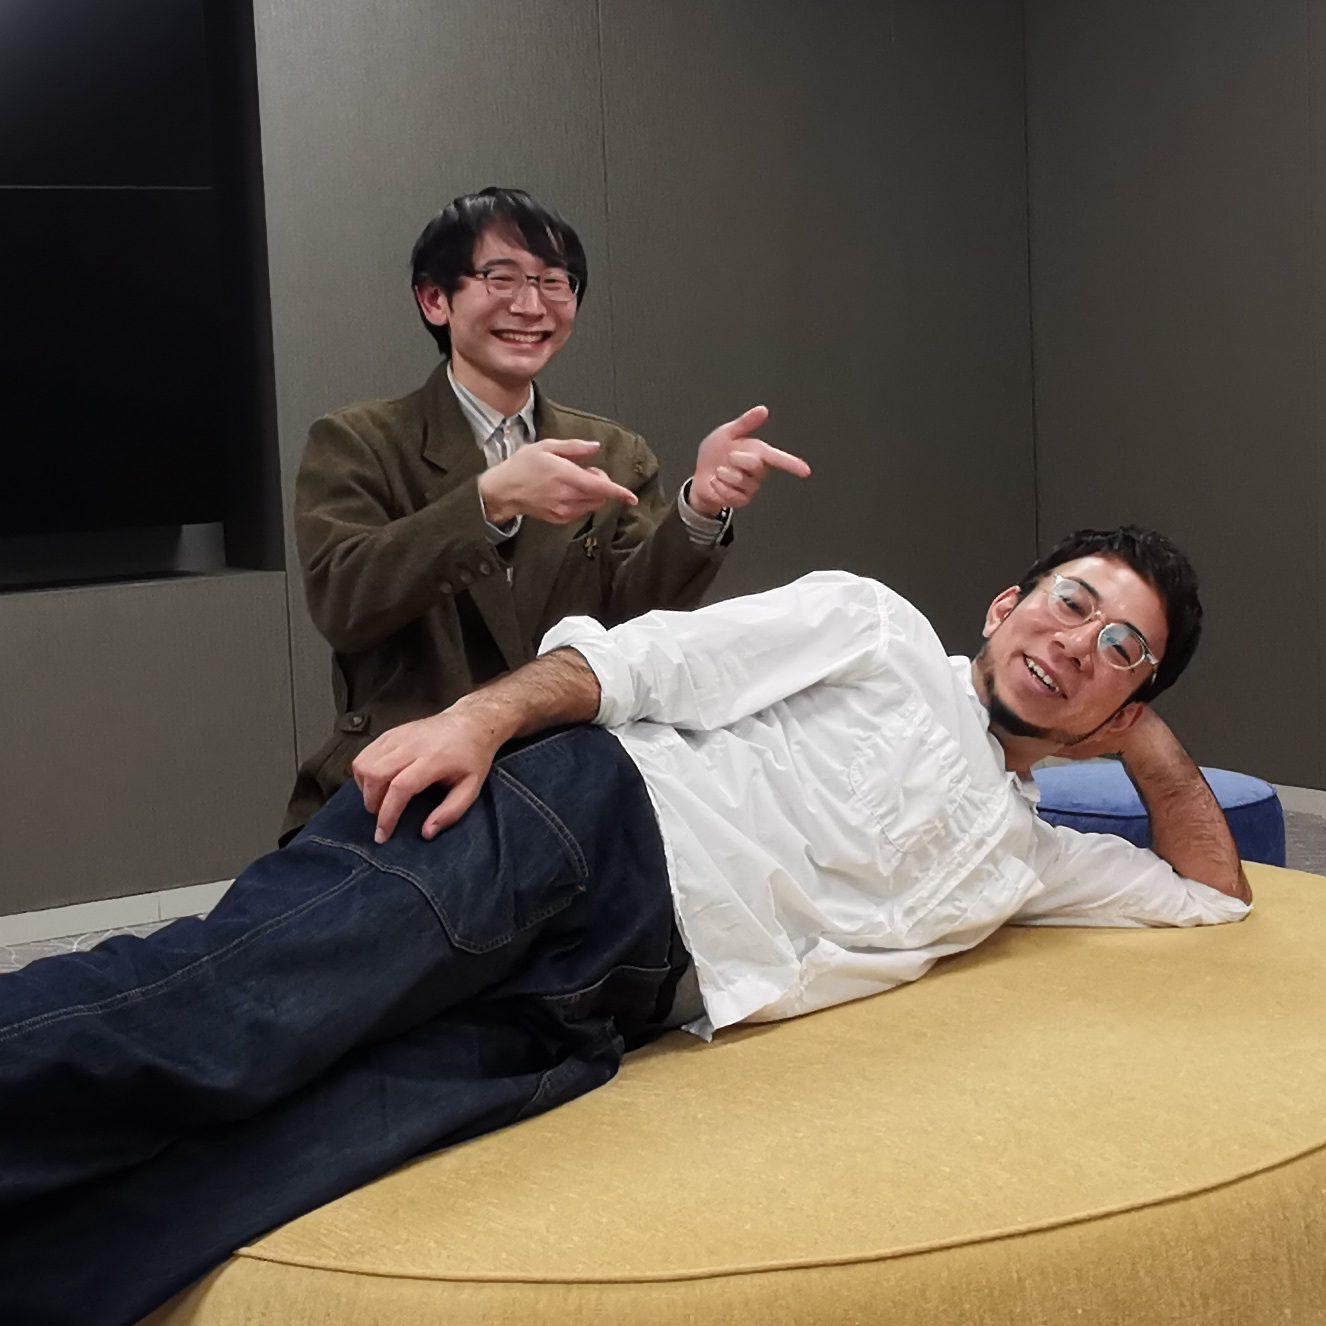 植田爽介さんが、元旦のJ-WAVEに出演!